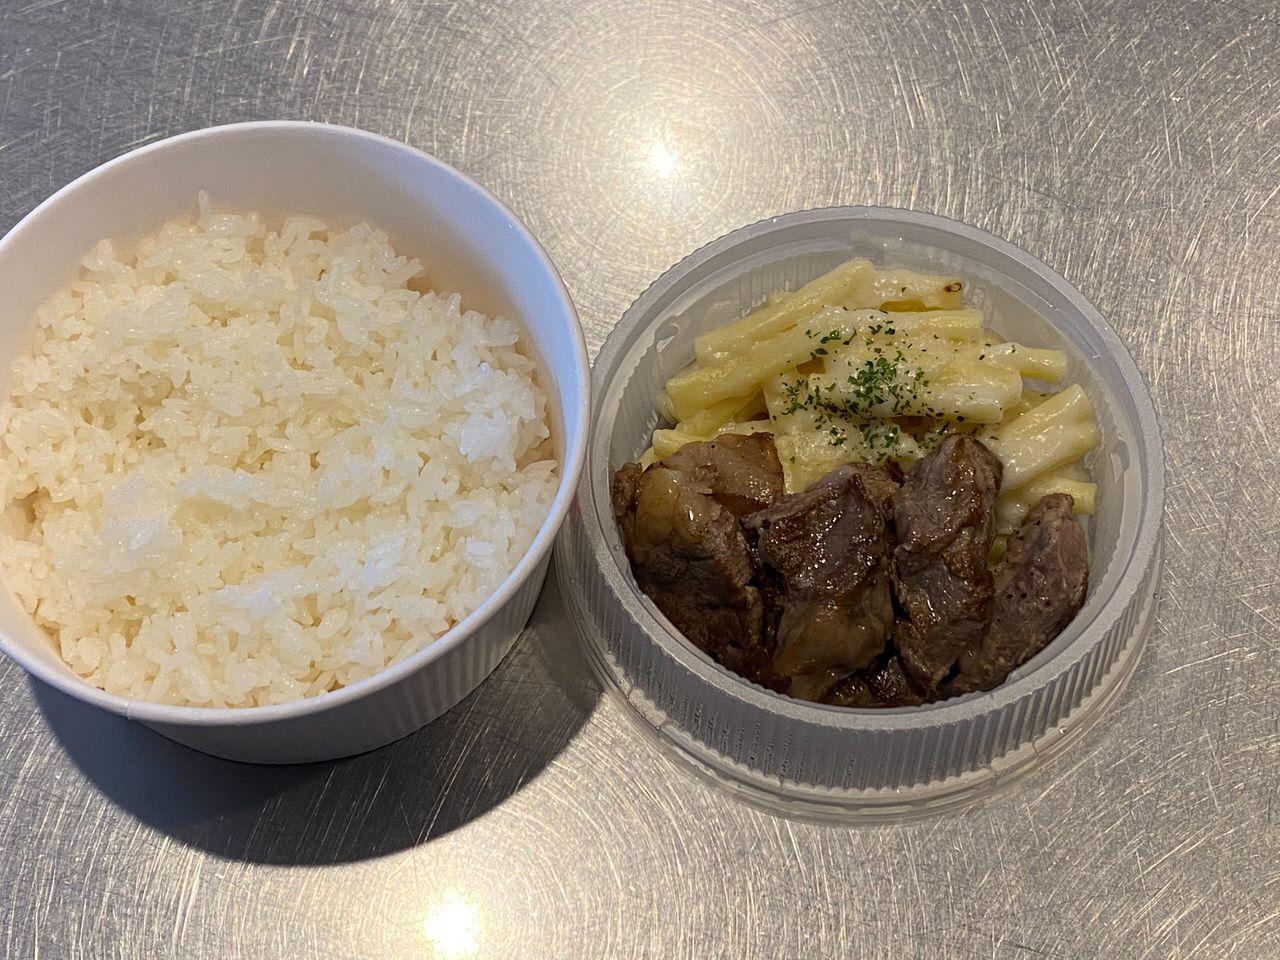 松屋 牛リブロースのカットステーキ定食 202011 04